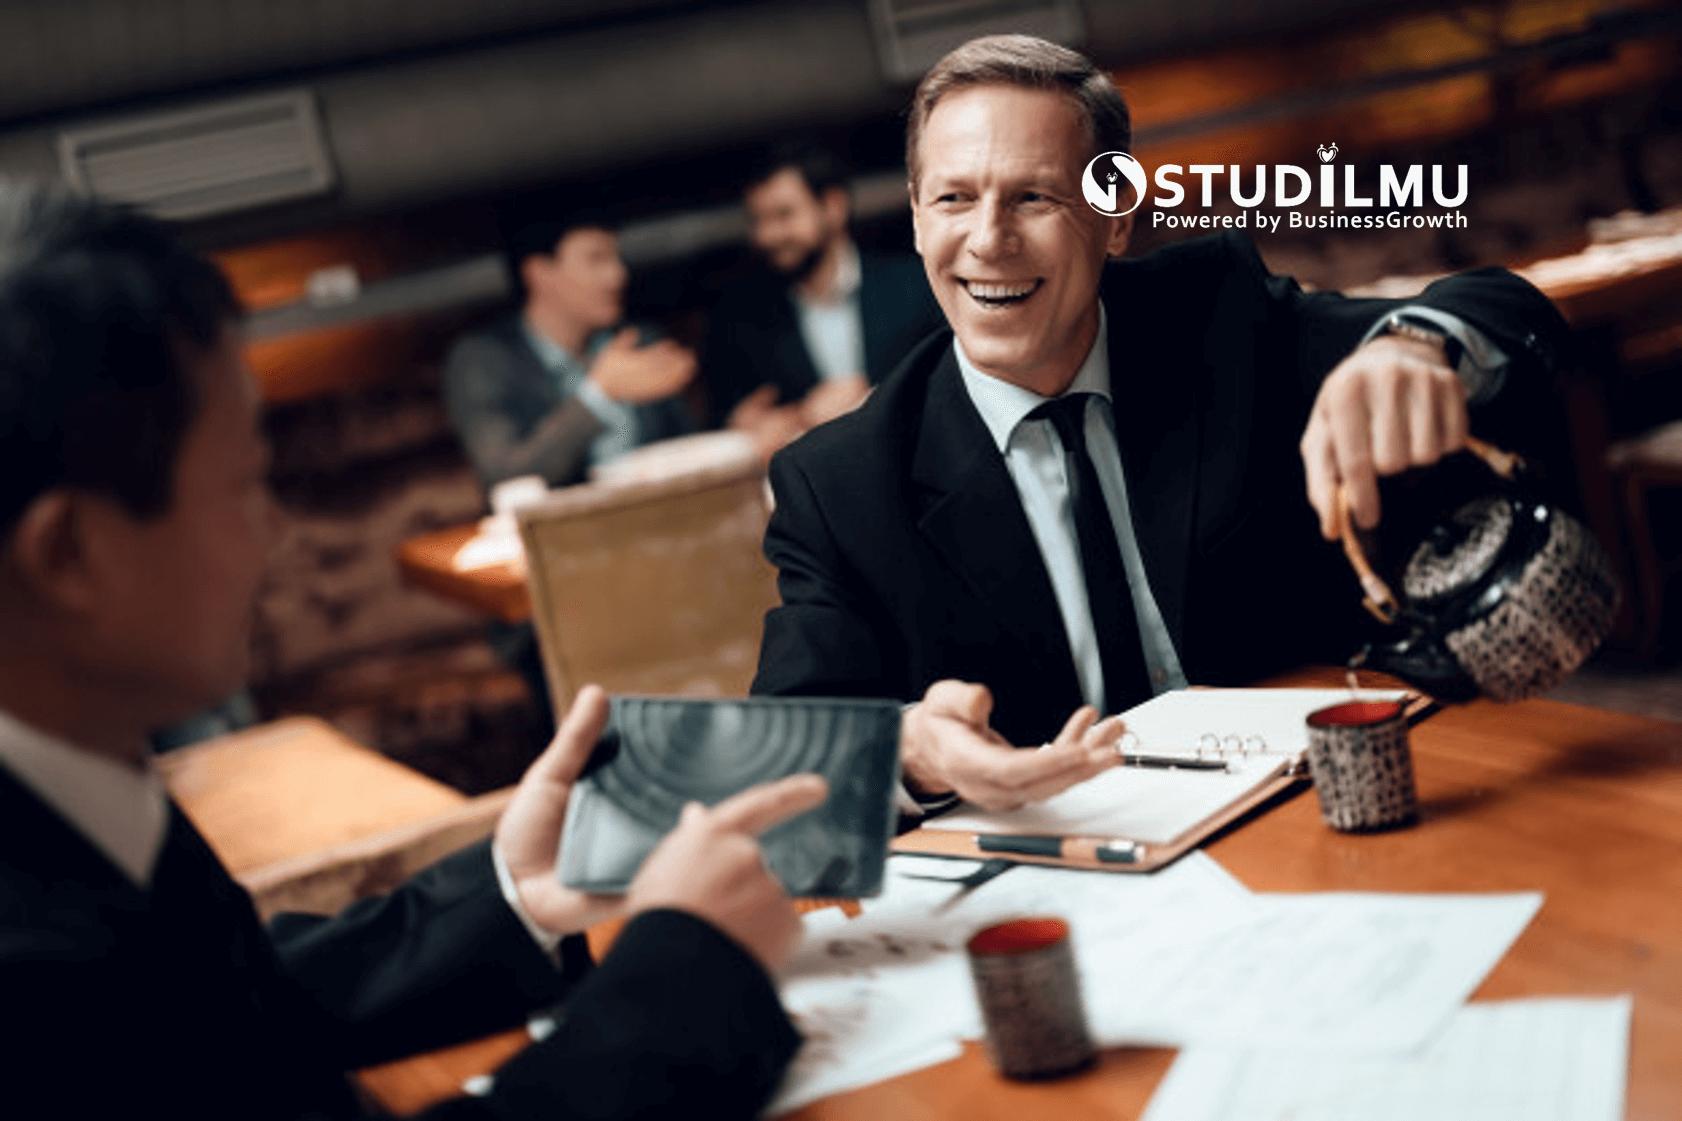 STUDILMU Career Advice - 3 Cara Meningkatkan Fokus dan Menyegarkan Pikiran